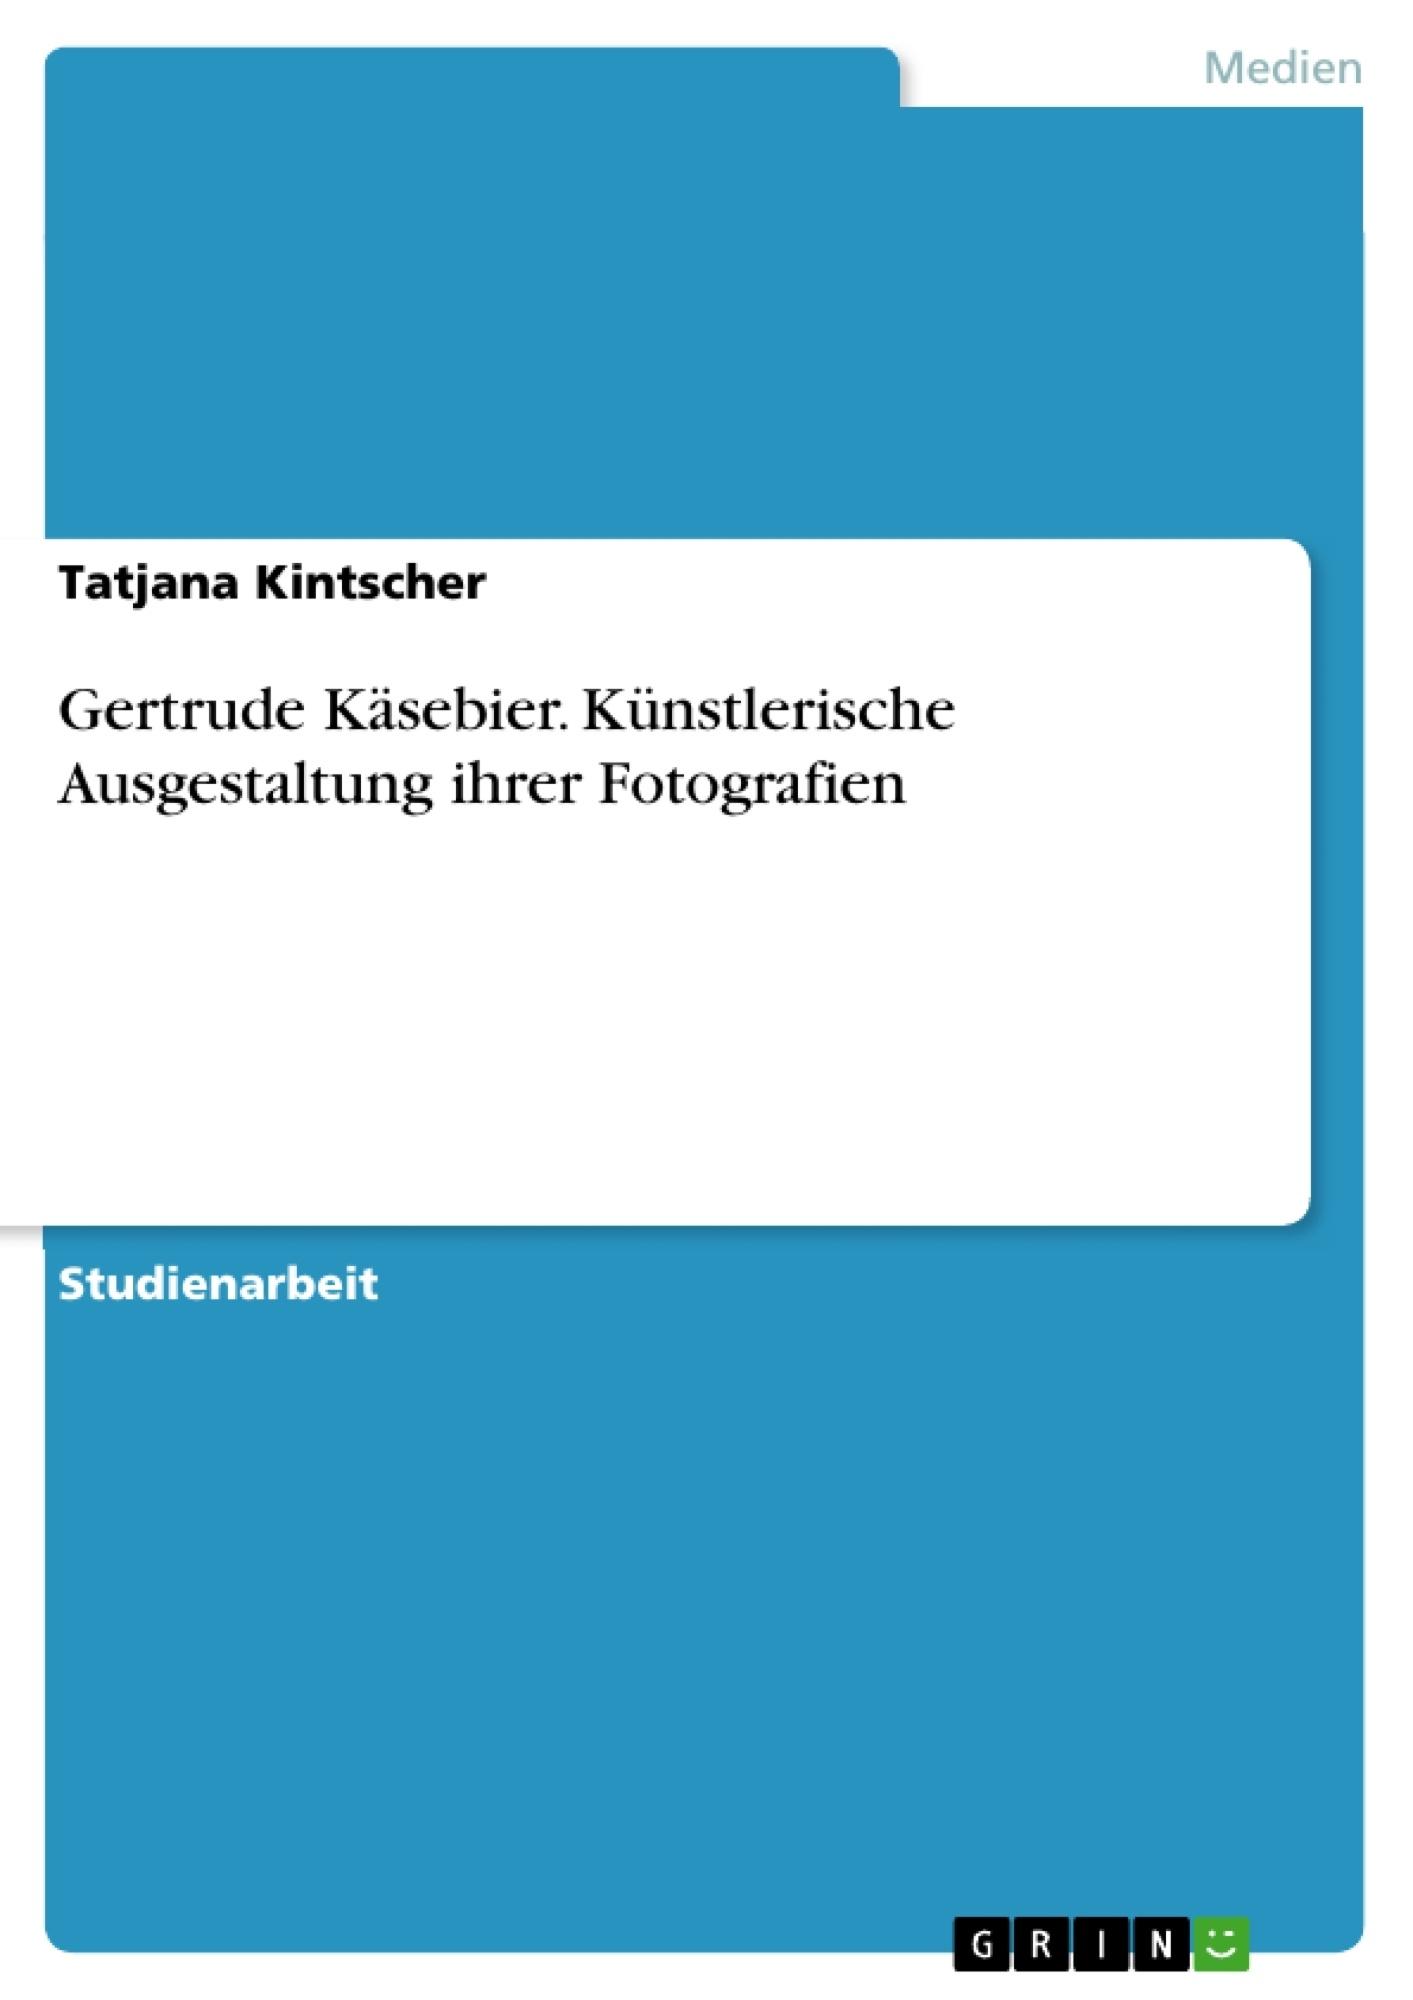 Titel: Gertrude Käsebier. Künstlerische Ausgestaltung ihrer Fotografien